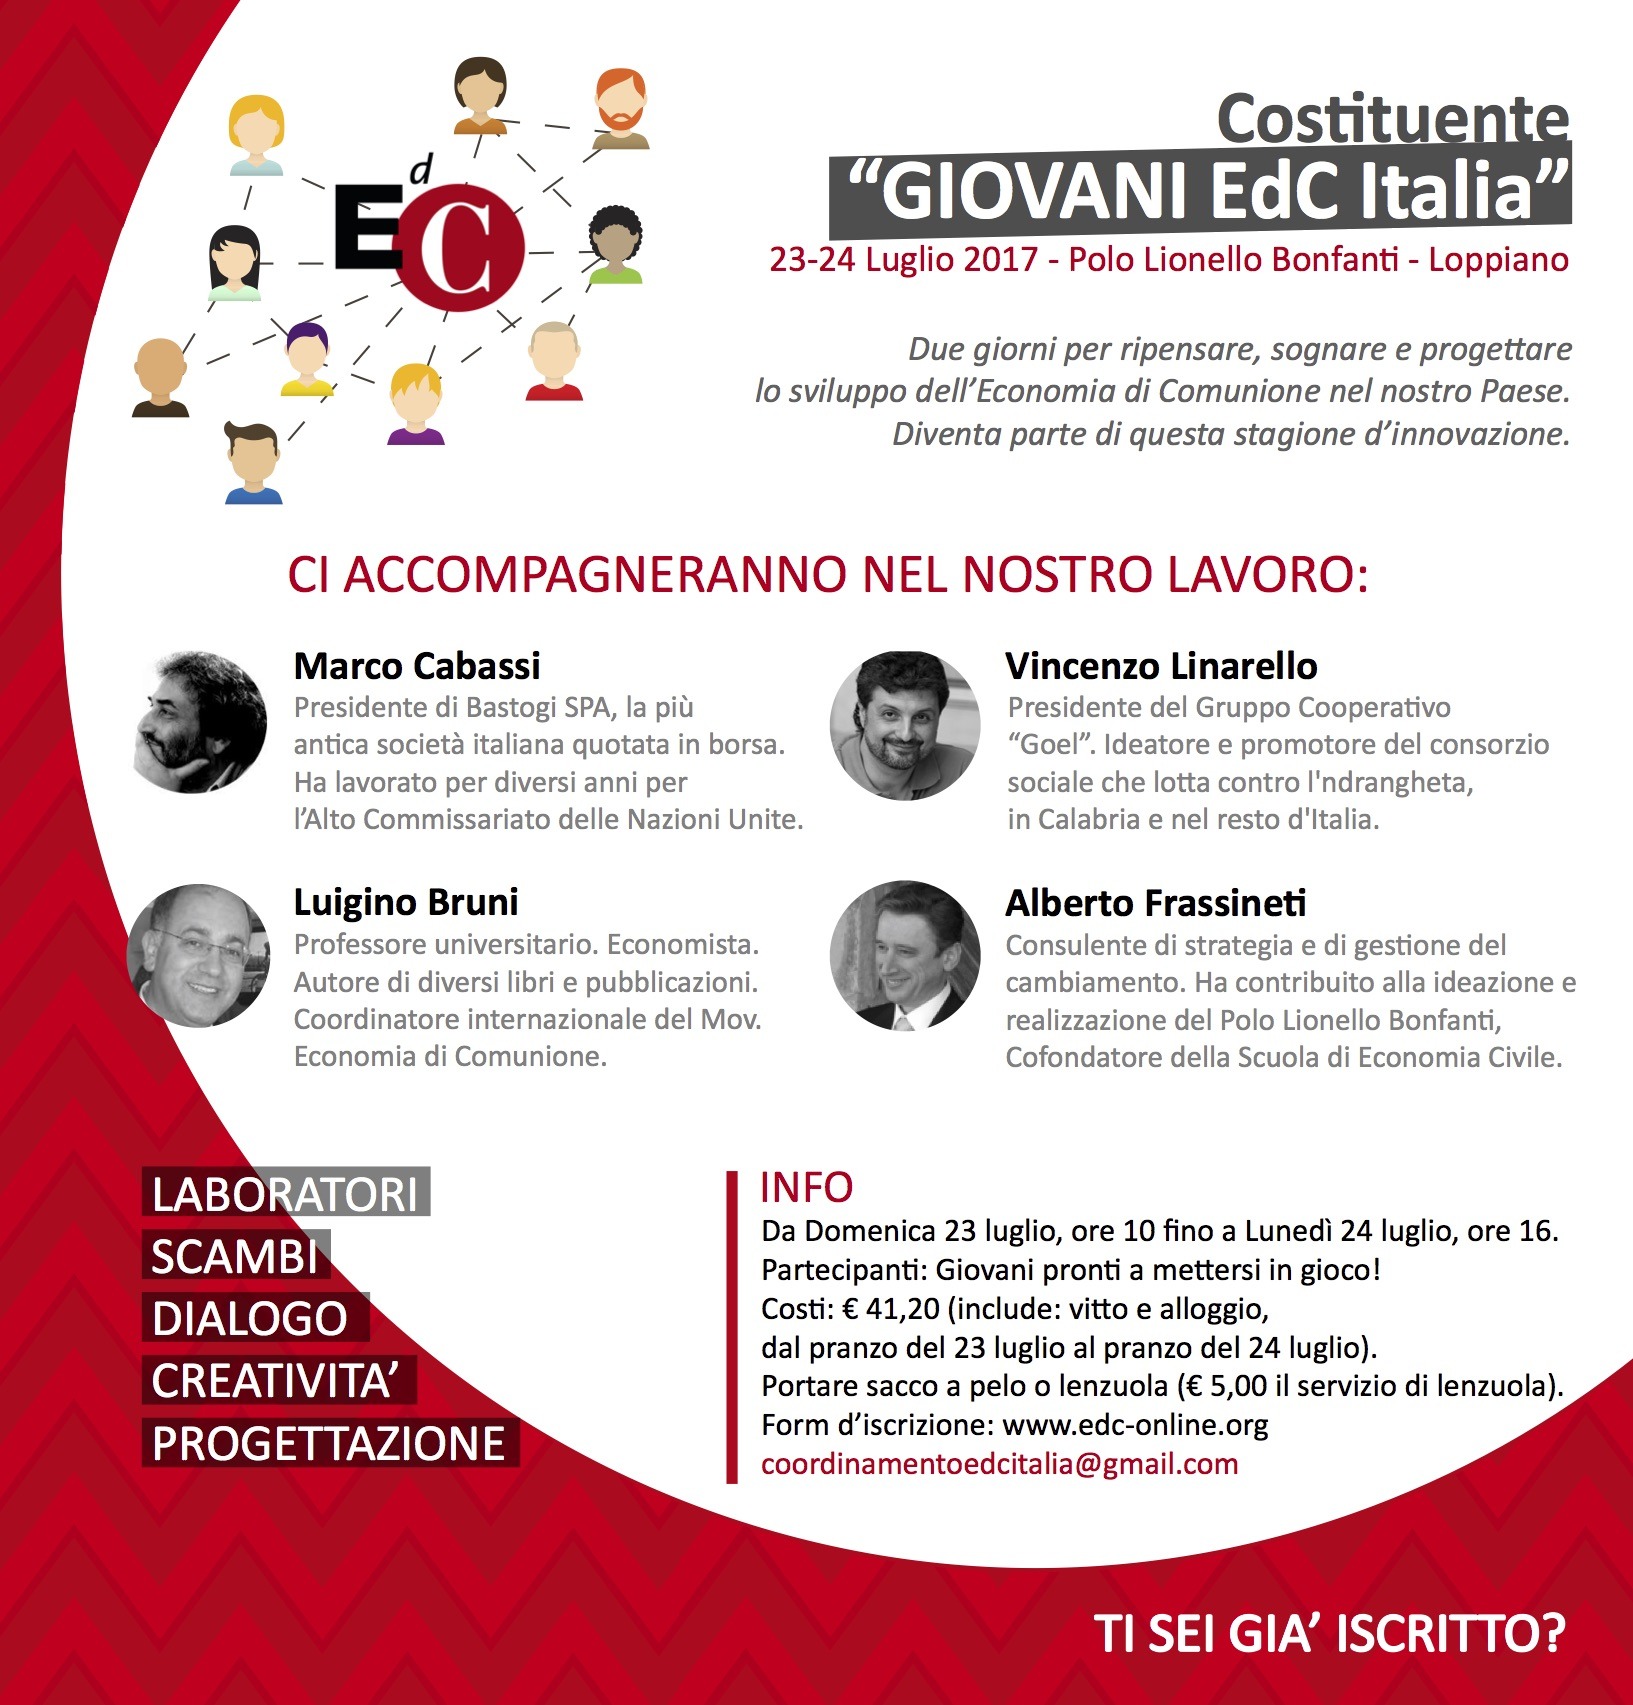 170723-24_Loppiano_Costituente_Edc_Giovani_Invito